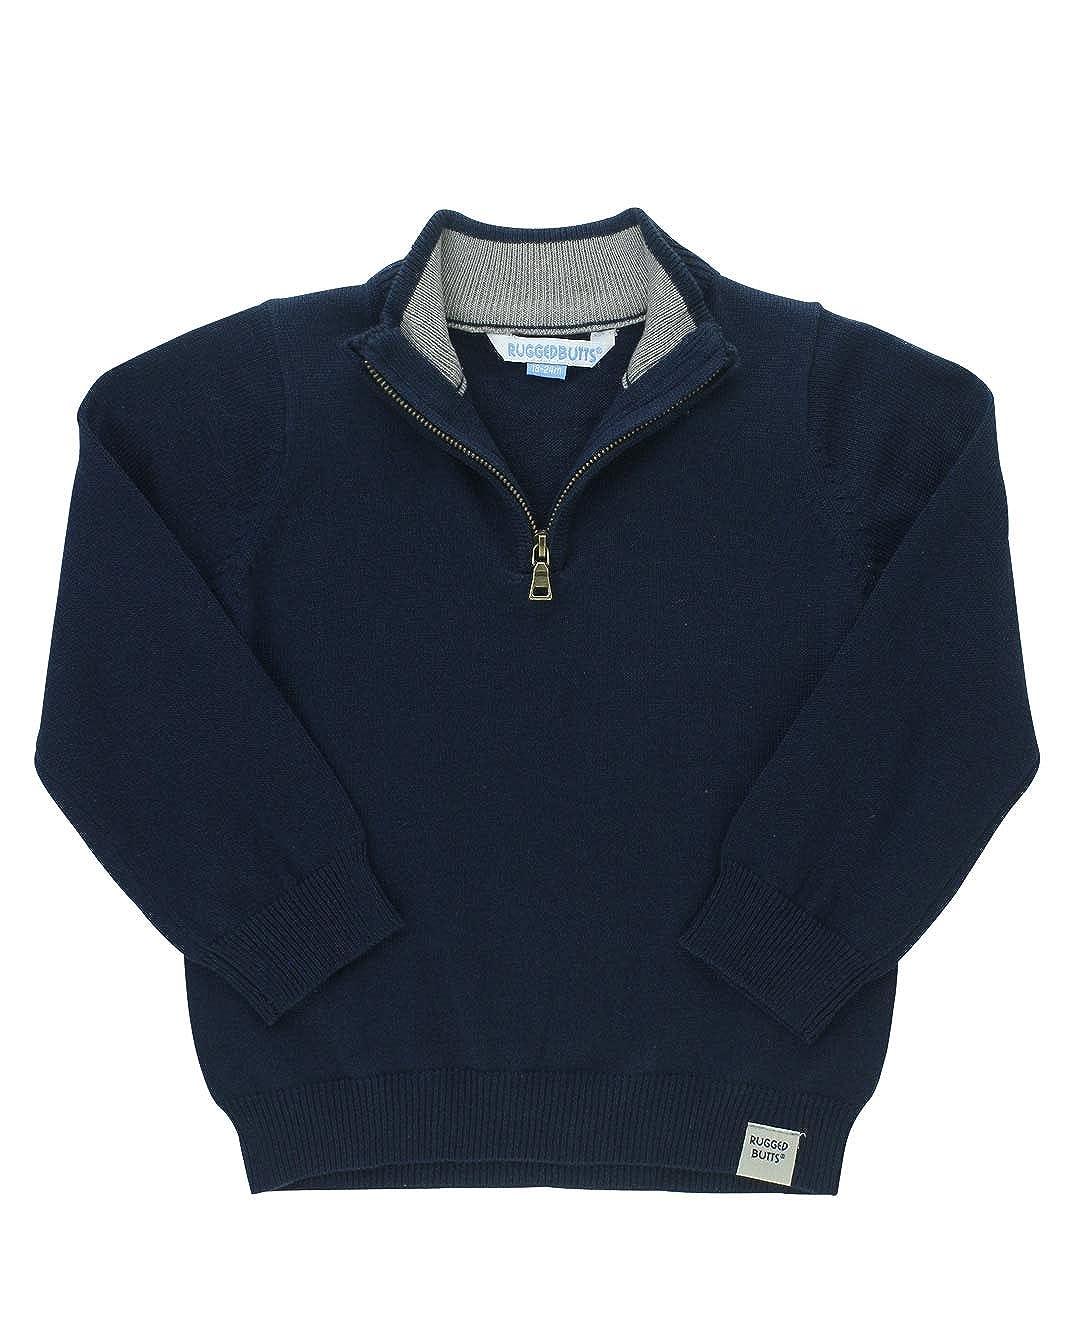 RuggedButts Little Boys Pullover Quarter-Zip Sweater